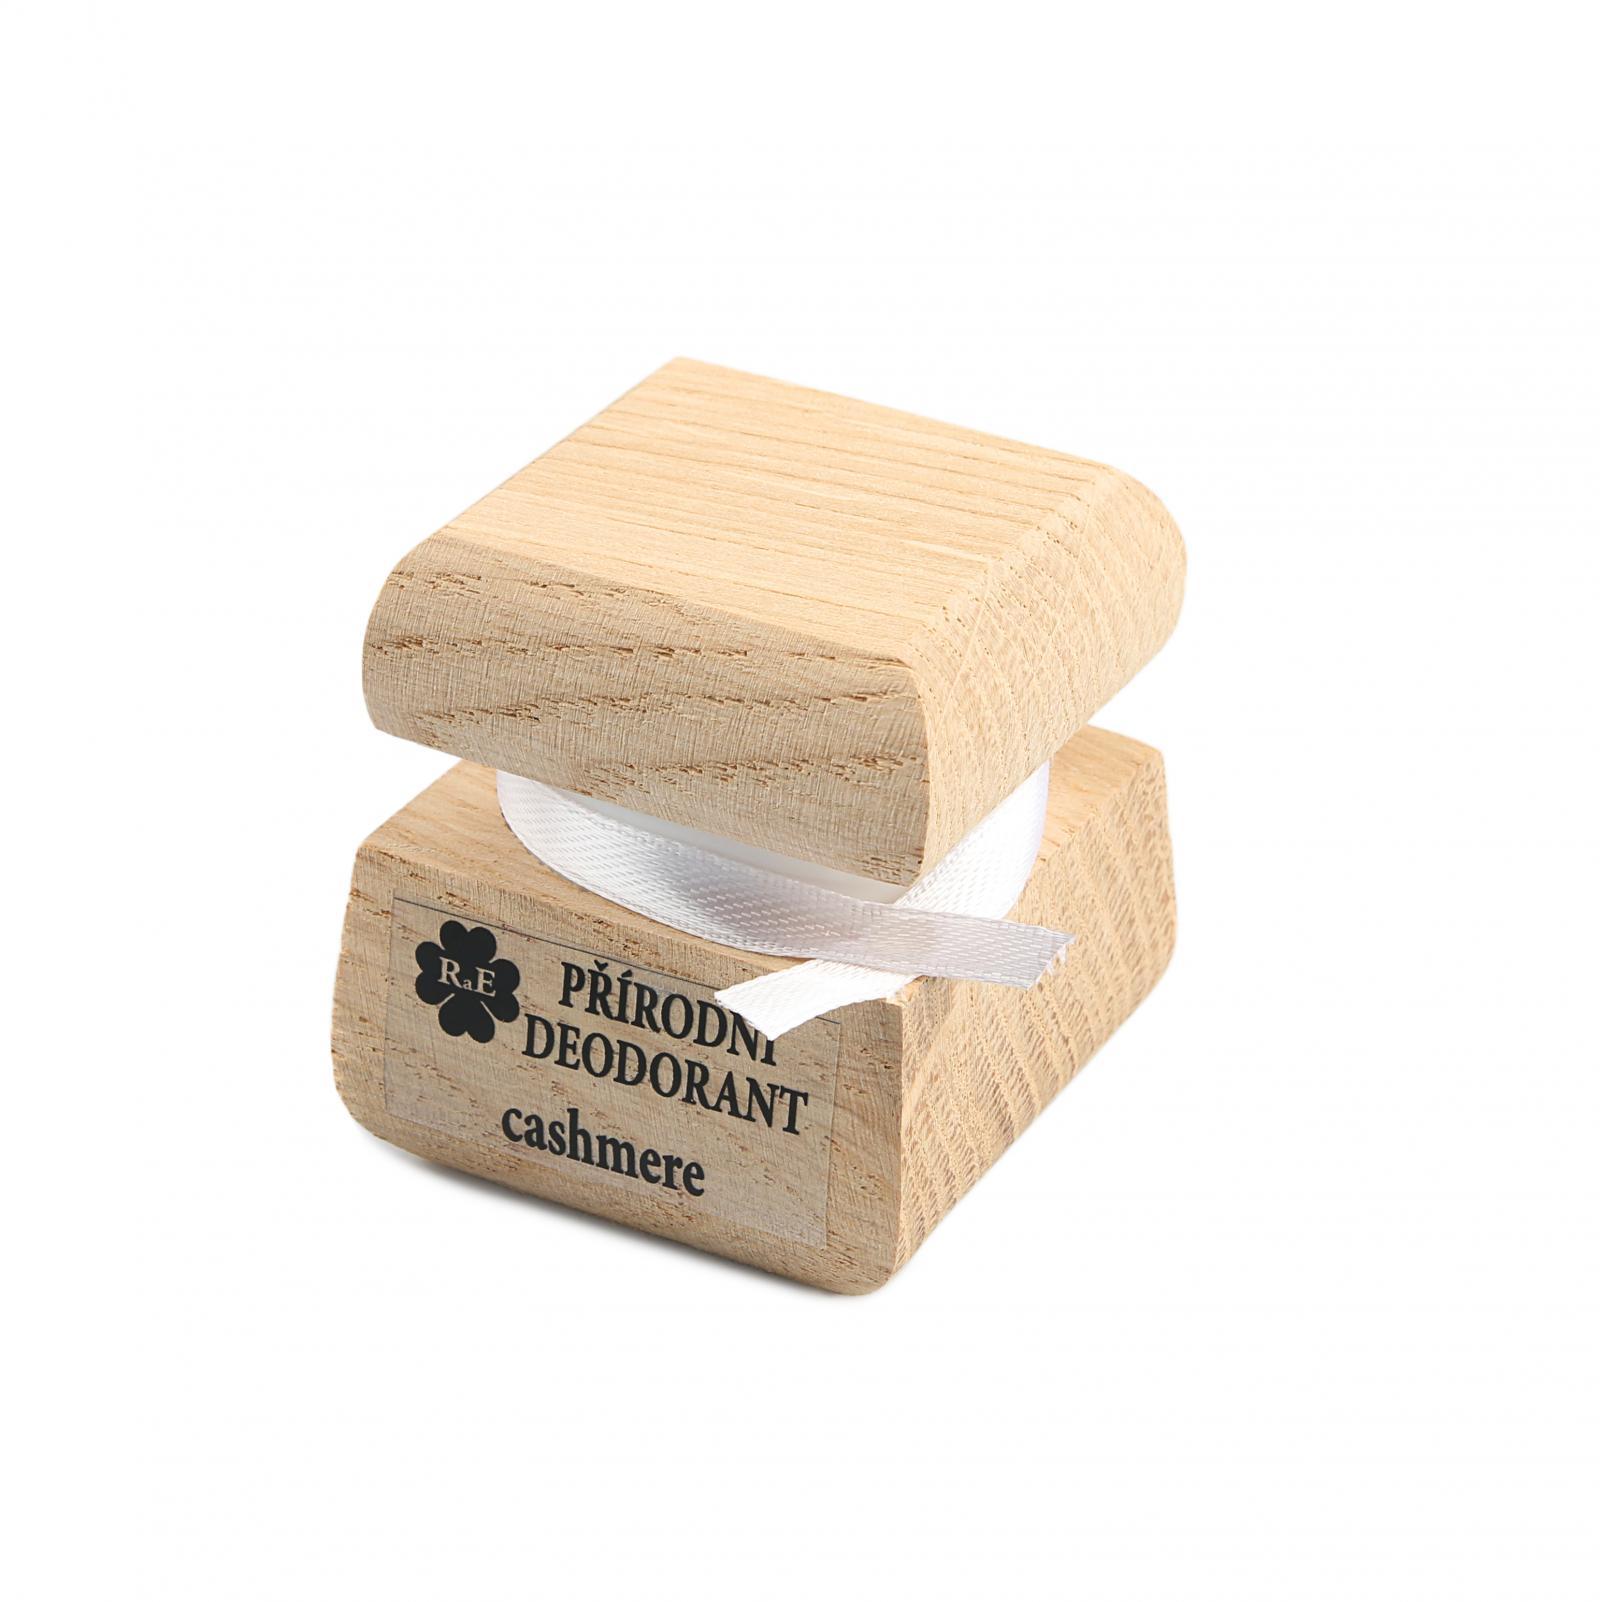 RaE Přírodní krémový deodorant s vůní kašmíru 15 ml dřevěný obal